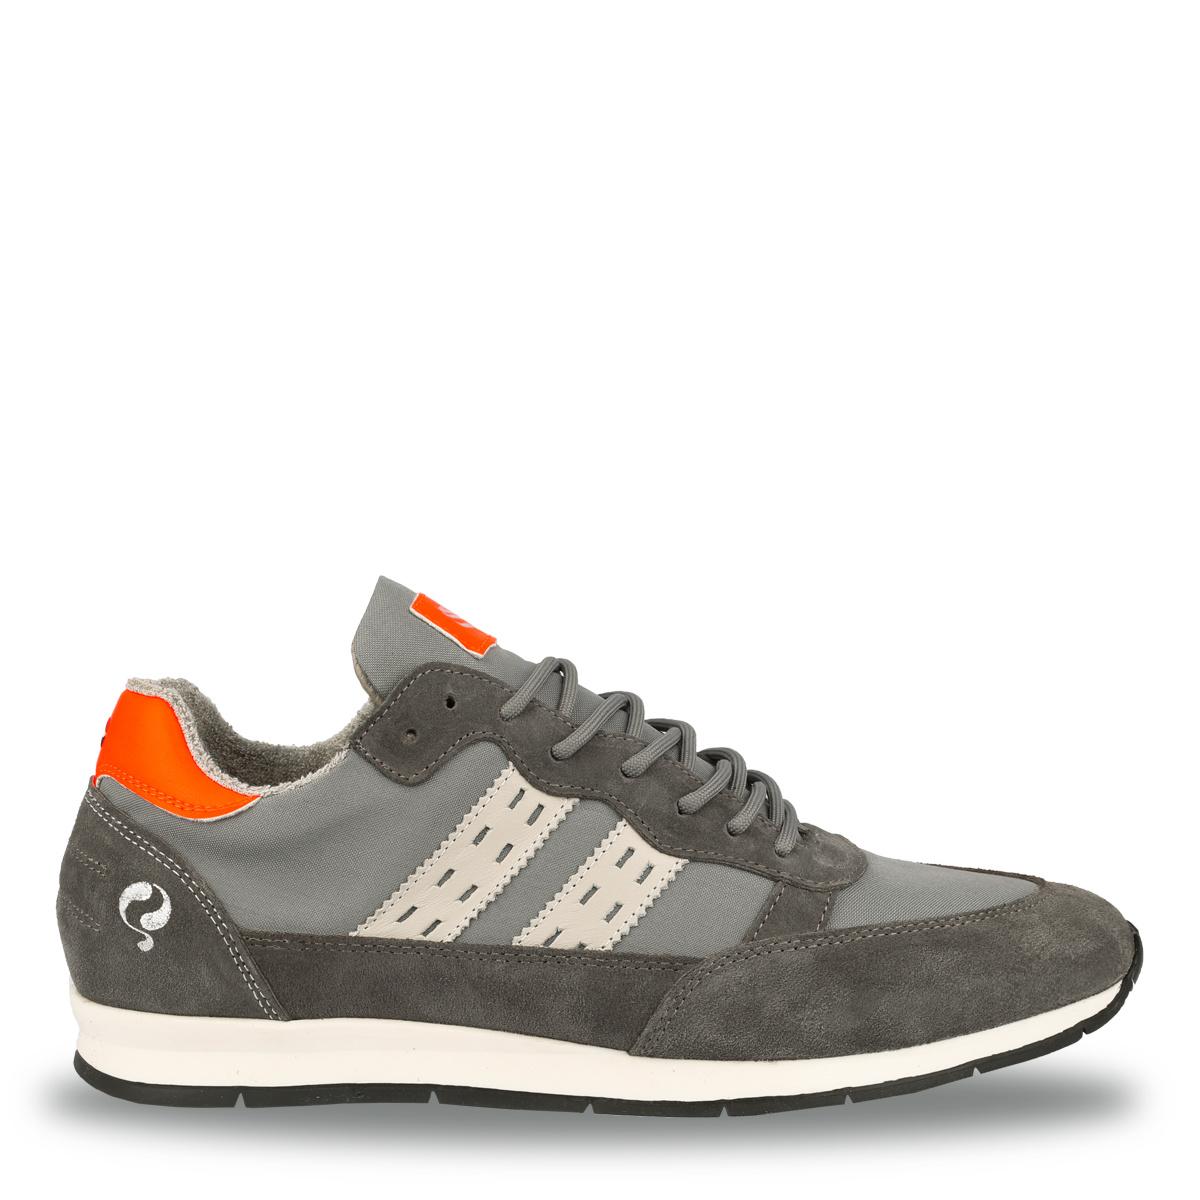 Q1905 Heren Sneaker Kijkduin - Grijs/Neon Oranje